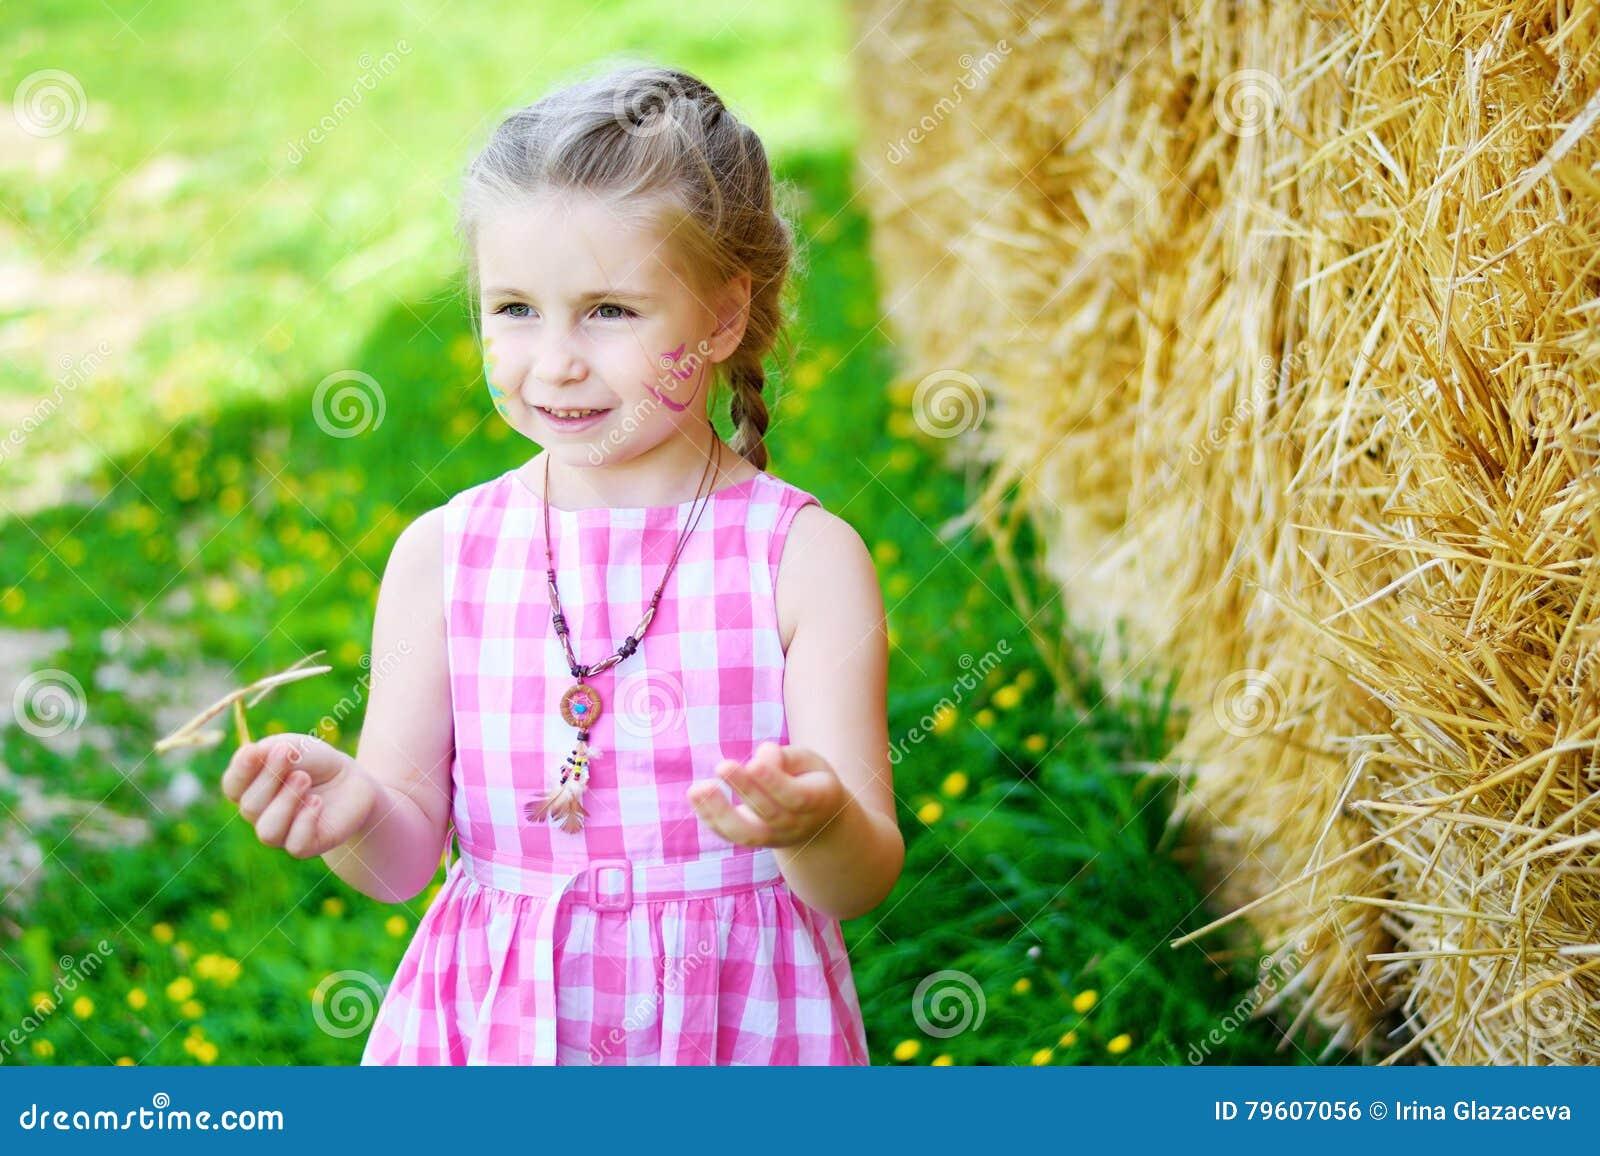 Entzückendes kleines Mädchen nahe einem Heuschober am sonnigen Sommertag